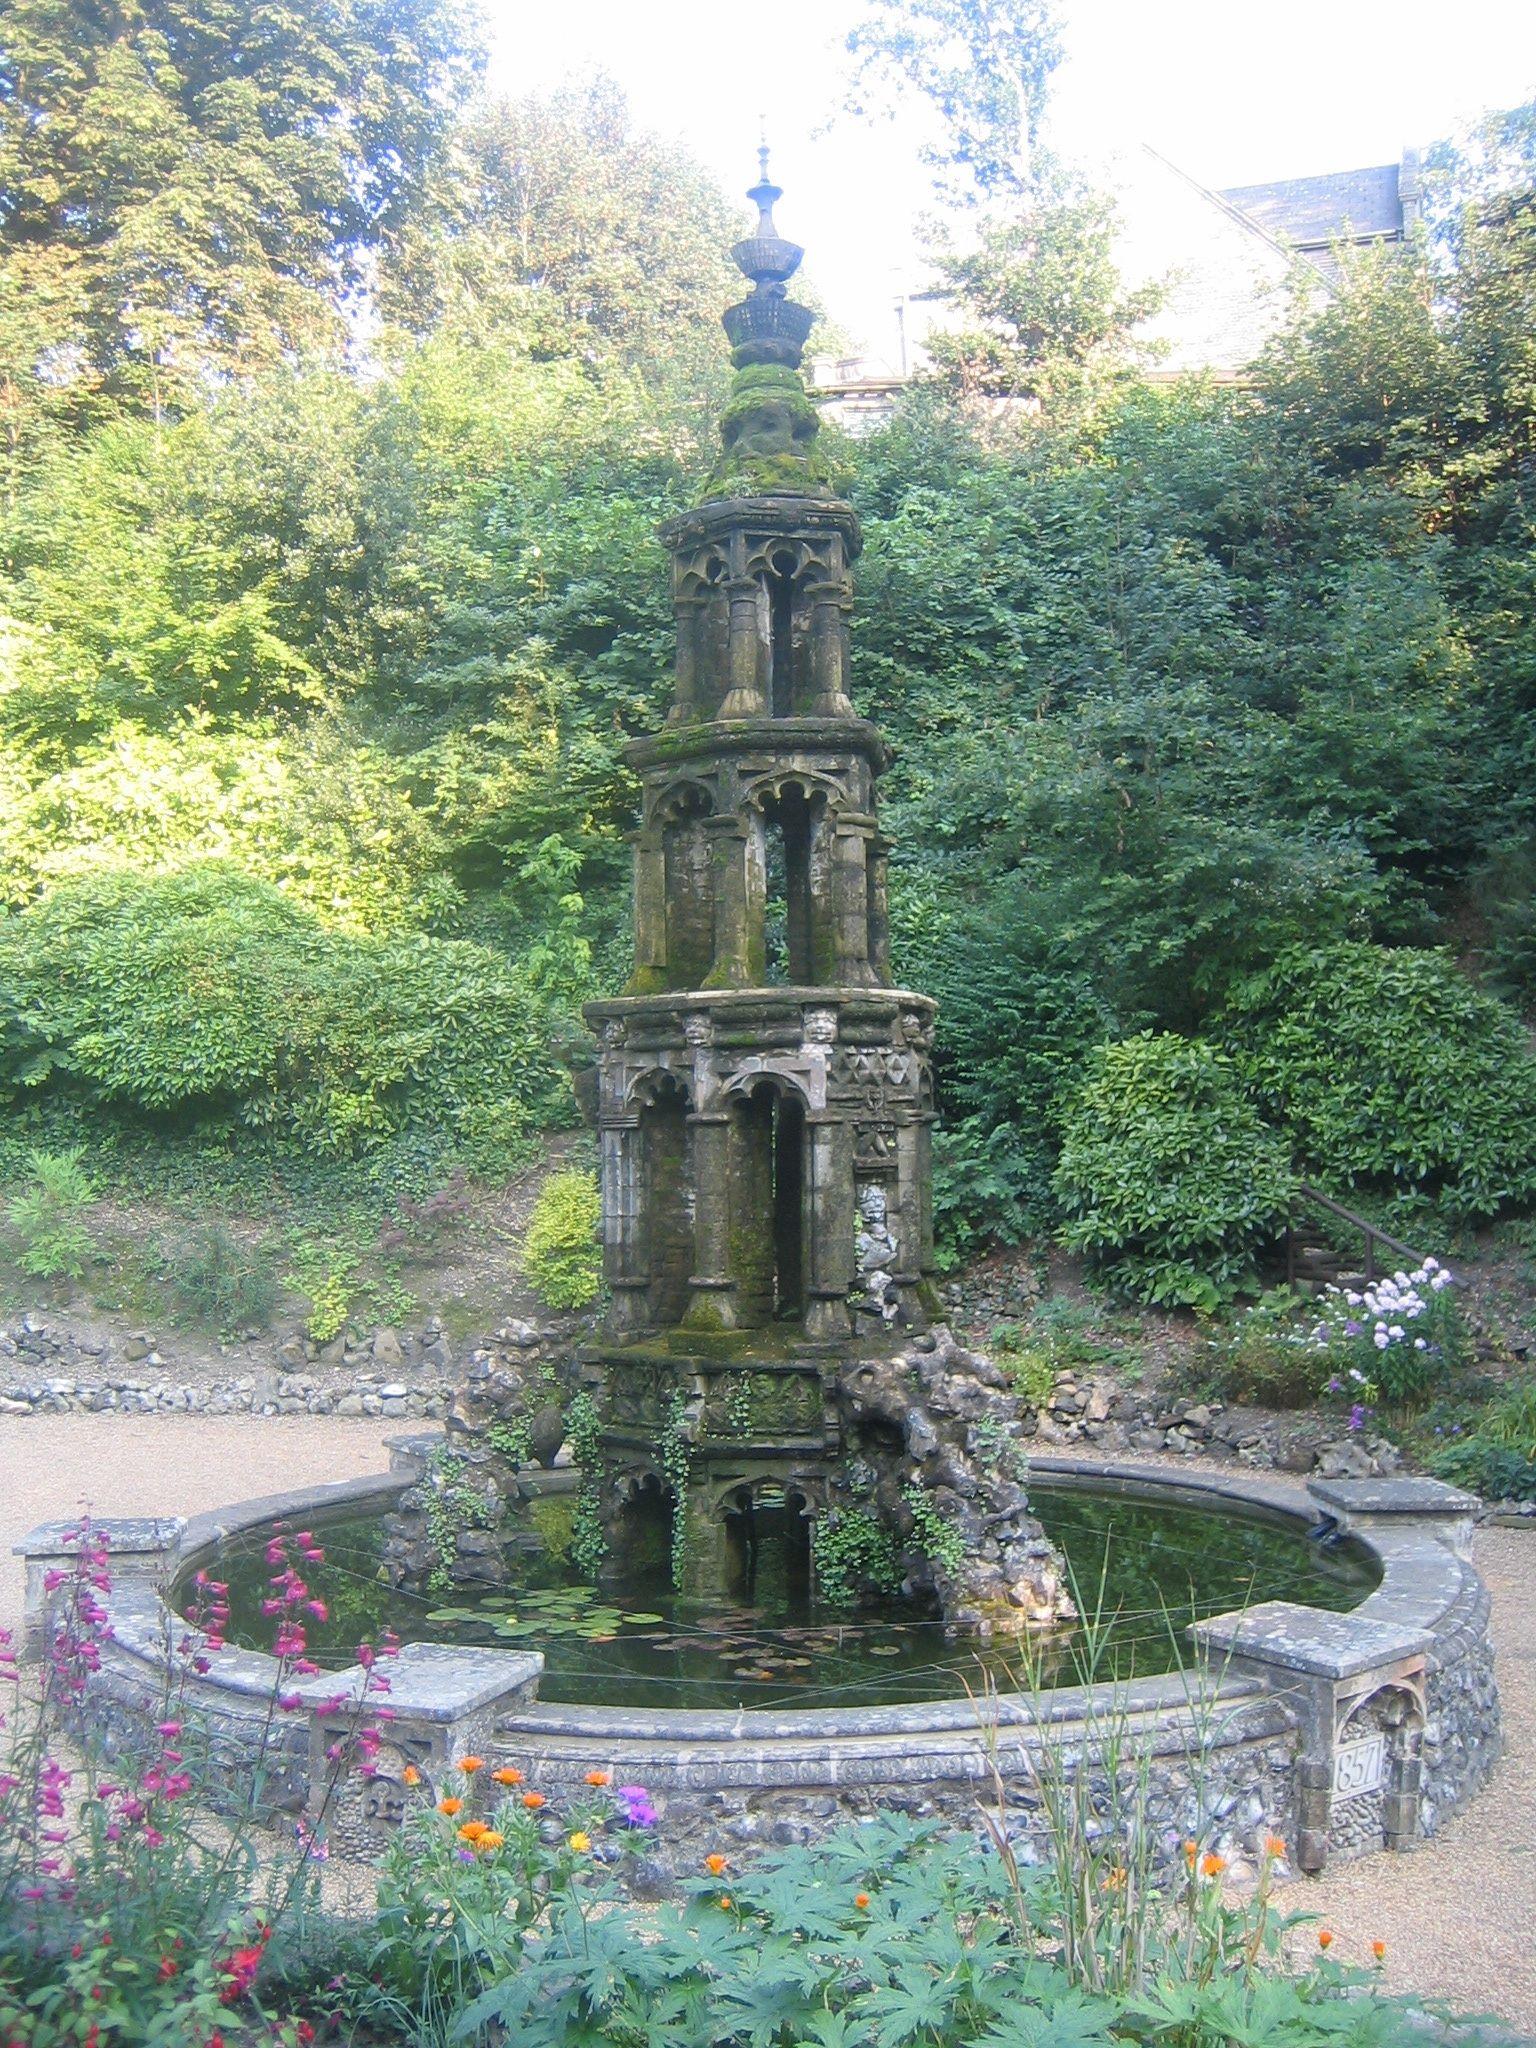 Pretty Sweet Gothic Fountain Gothic Garden Water Features In The Garden Garden Fountains